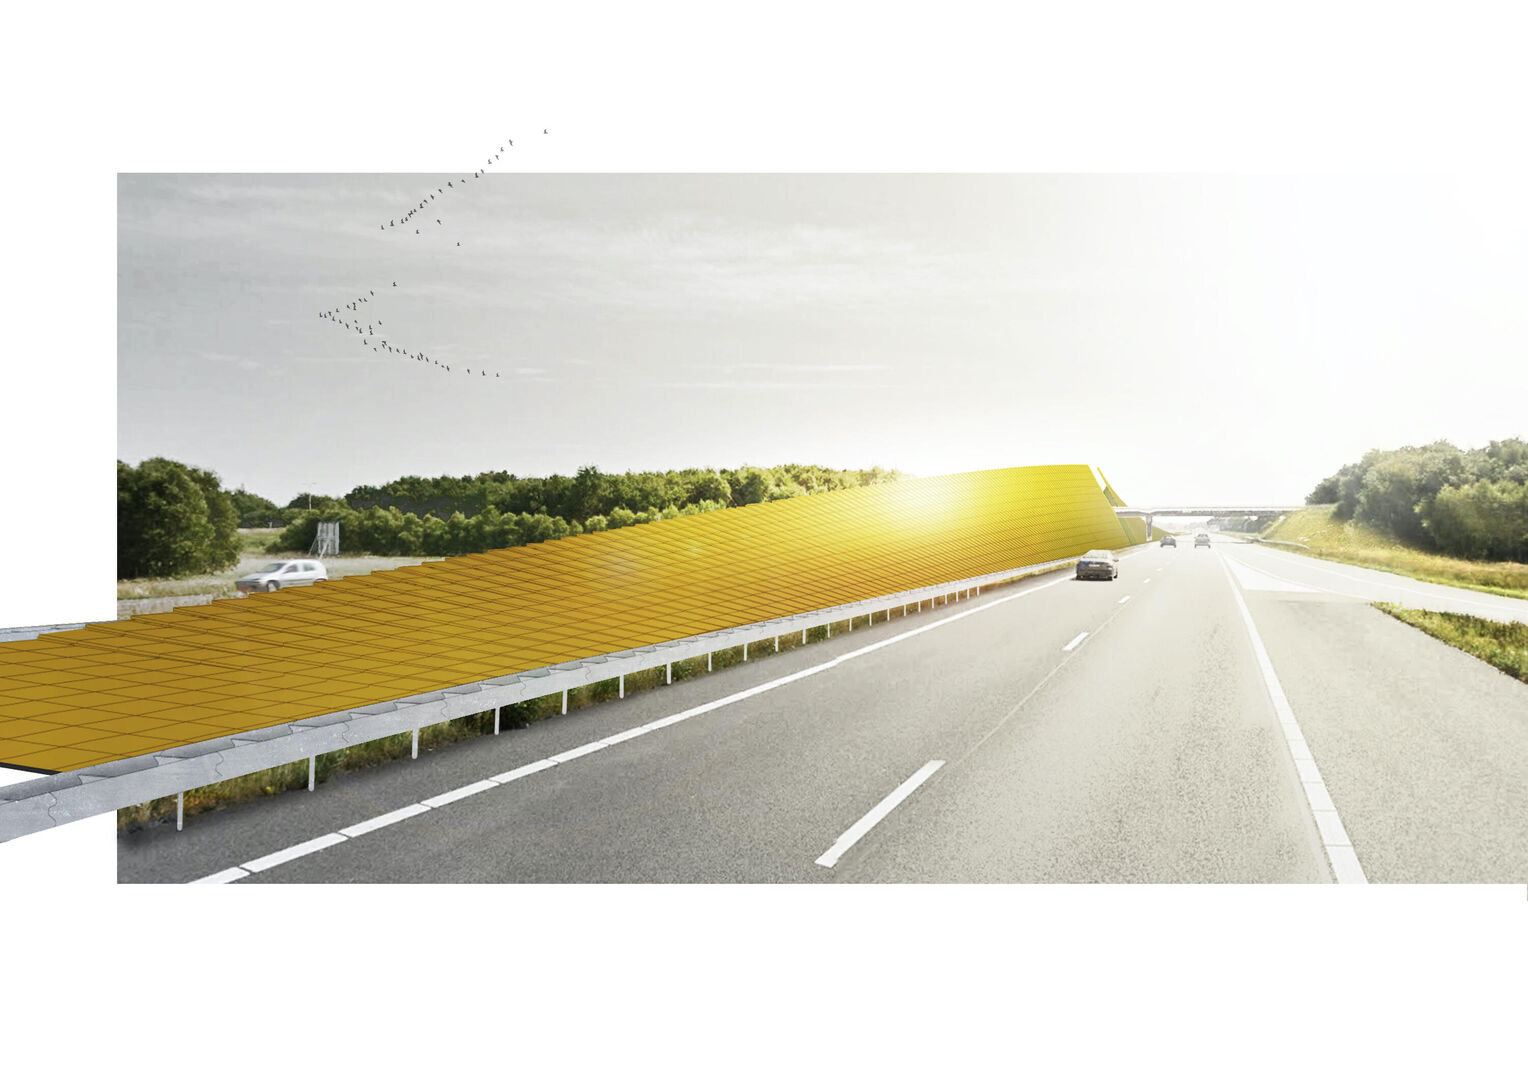 Design challenge Onze Energie, Ons Landschap